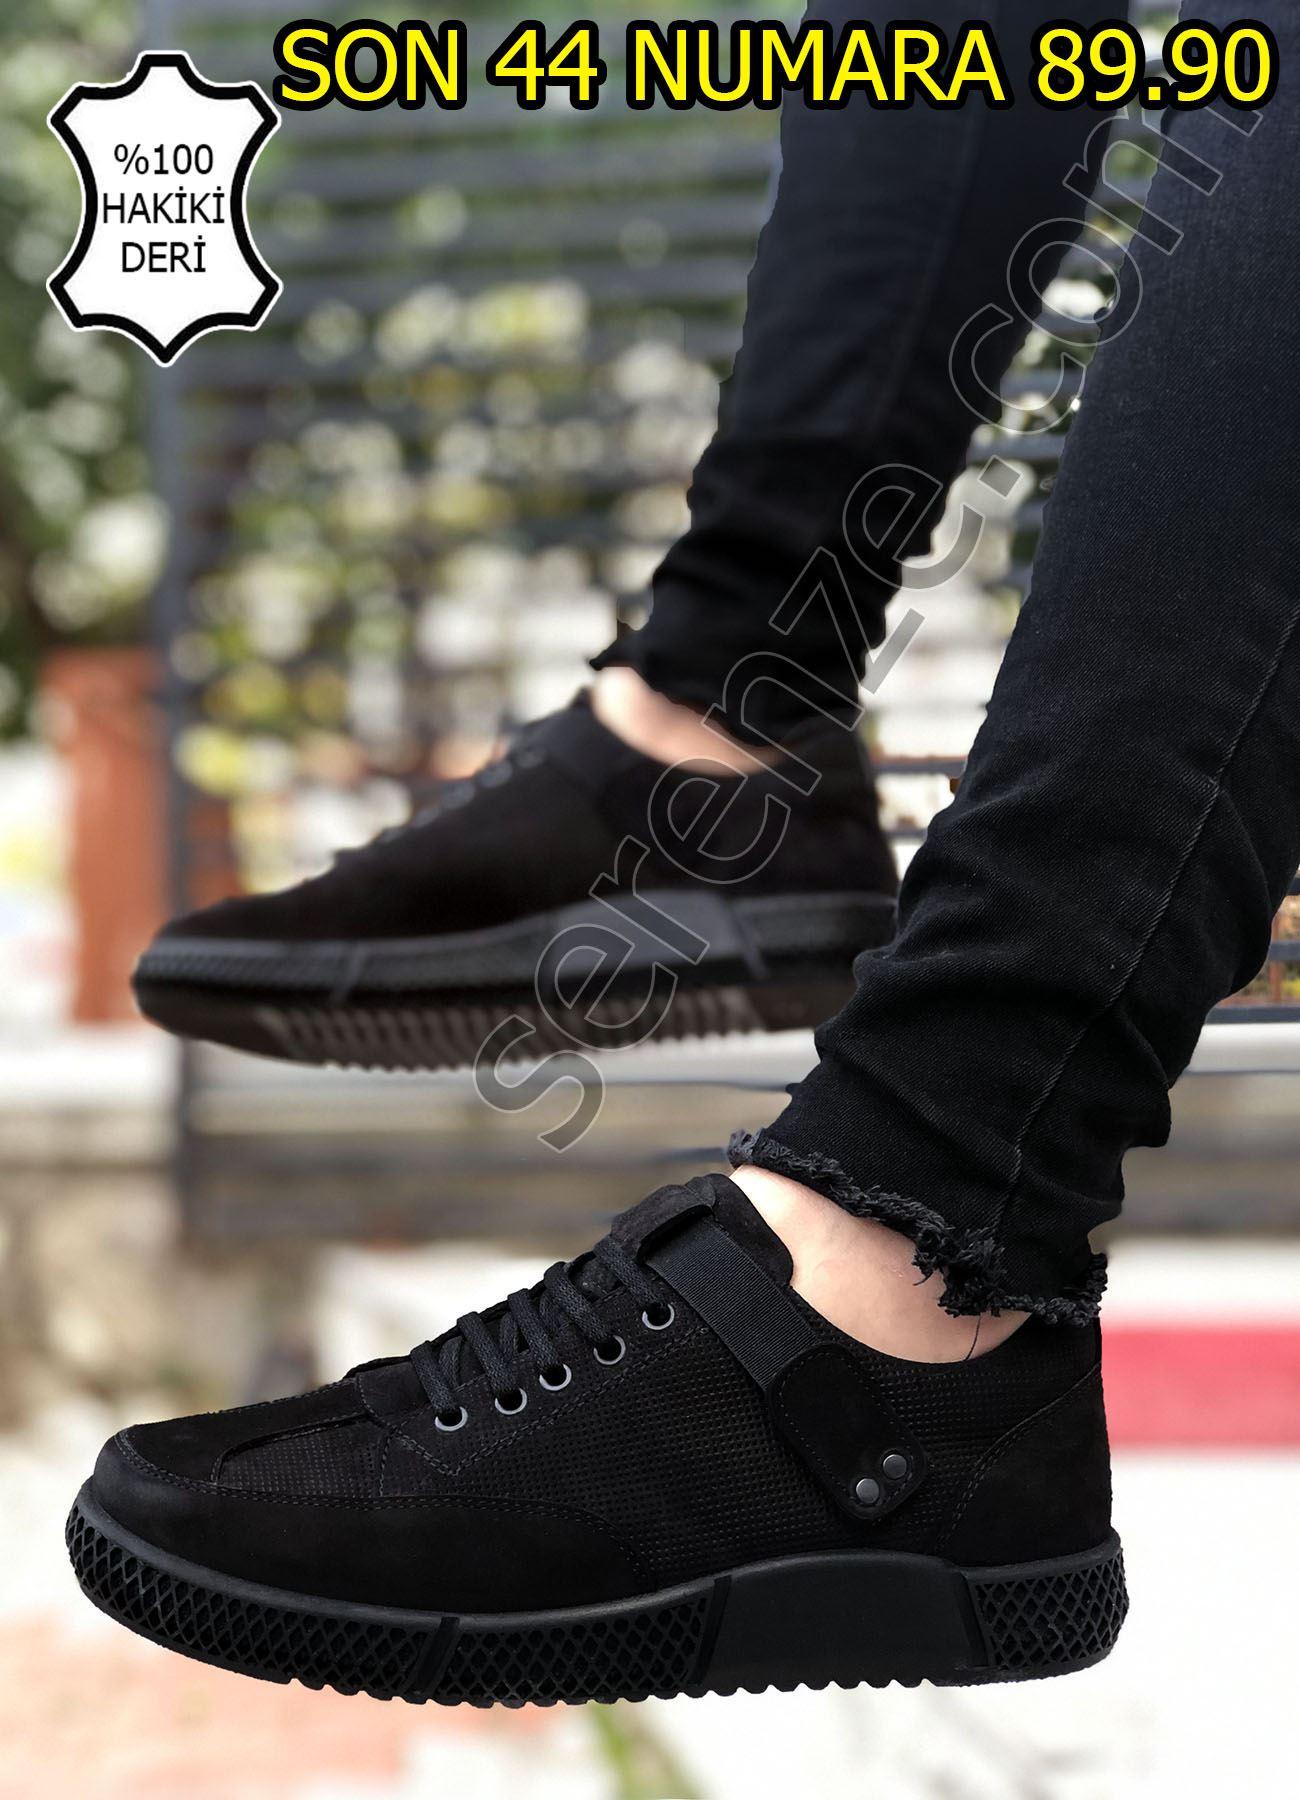 Siyah Ortopedik Lastik Detay Hakiki Deri Erkek Günlük Ayakkabı